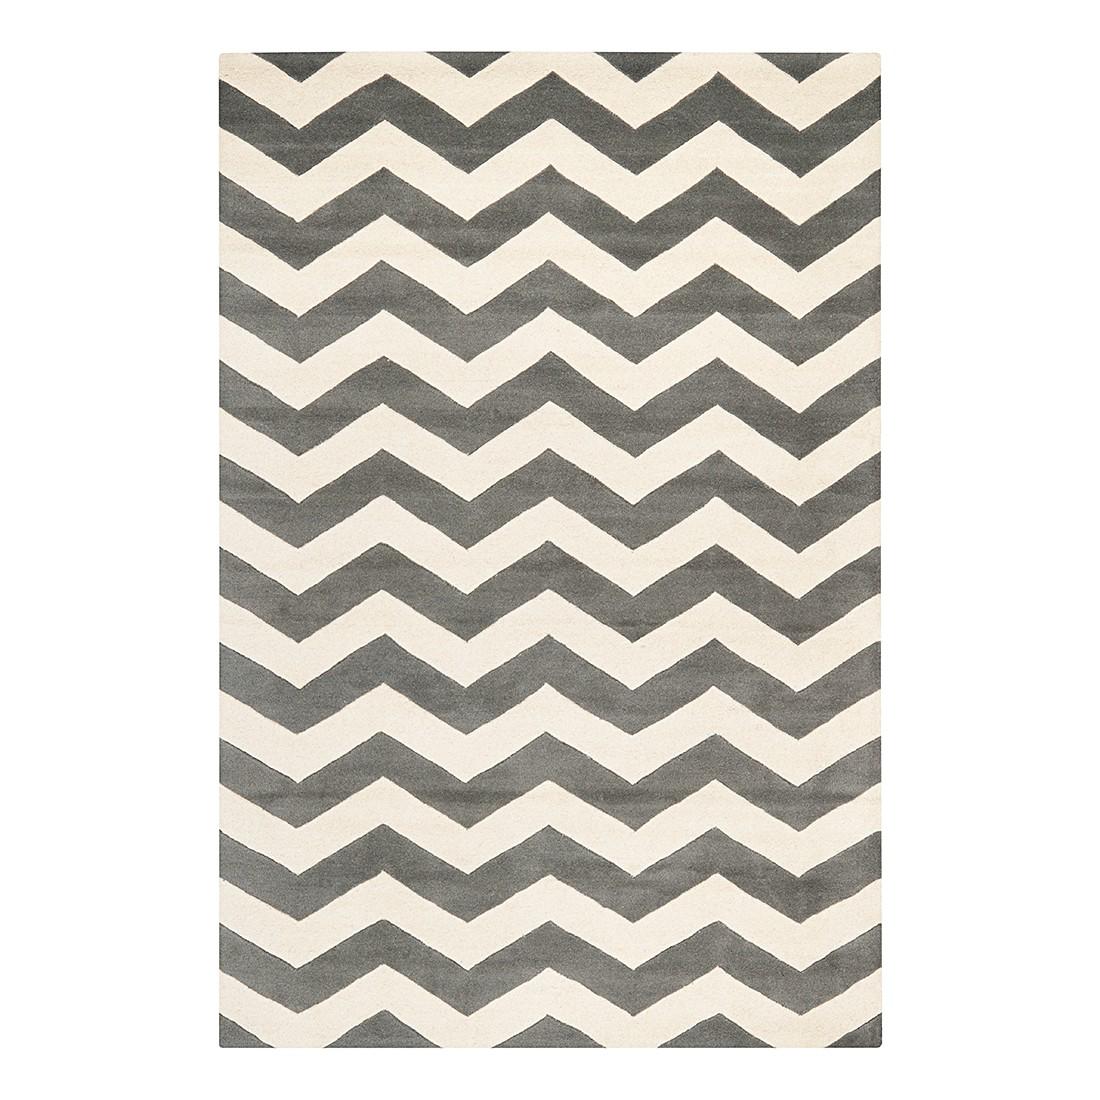 Teppich Crosby – Dunkelgrau/Elfenbein – Maße:  121 x 182  cm, Safavieh online kaufen